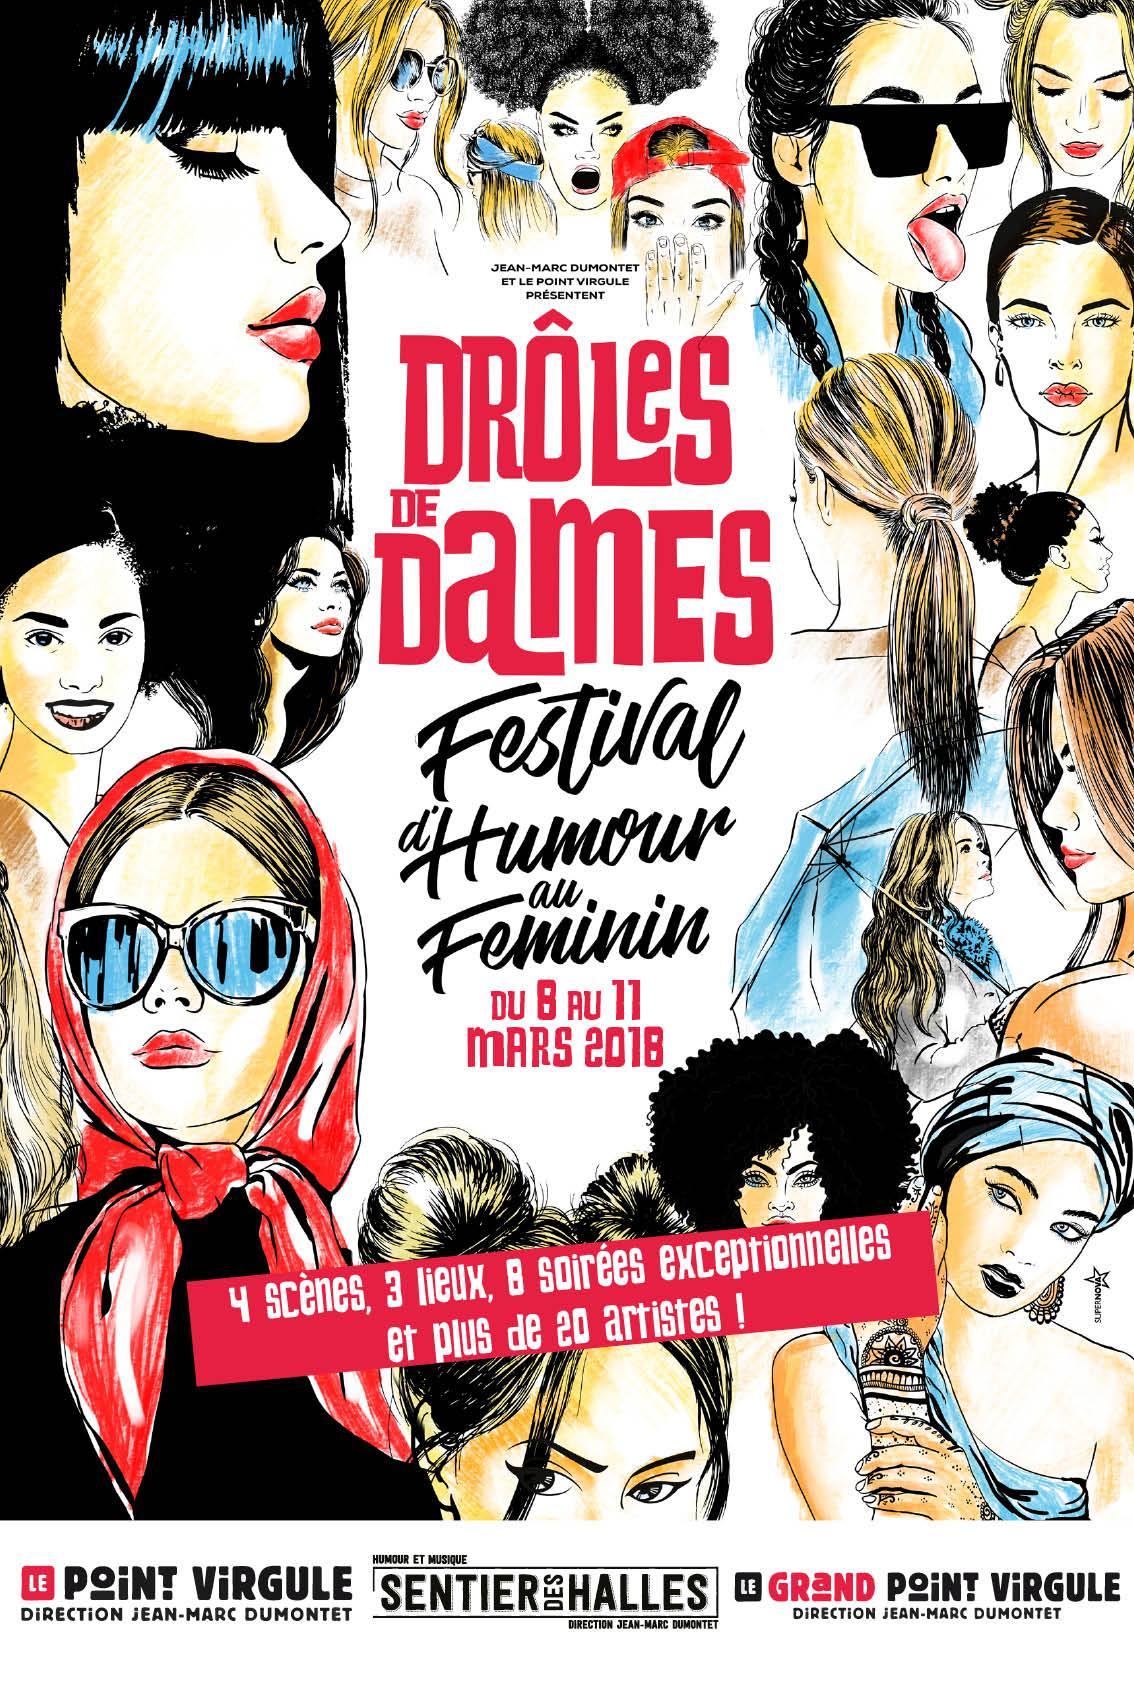 Complètement et à l'extrême Drôle de Dames - Festival d'humour au féminin au Grand Point #QP_48